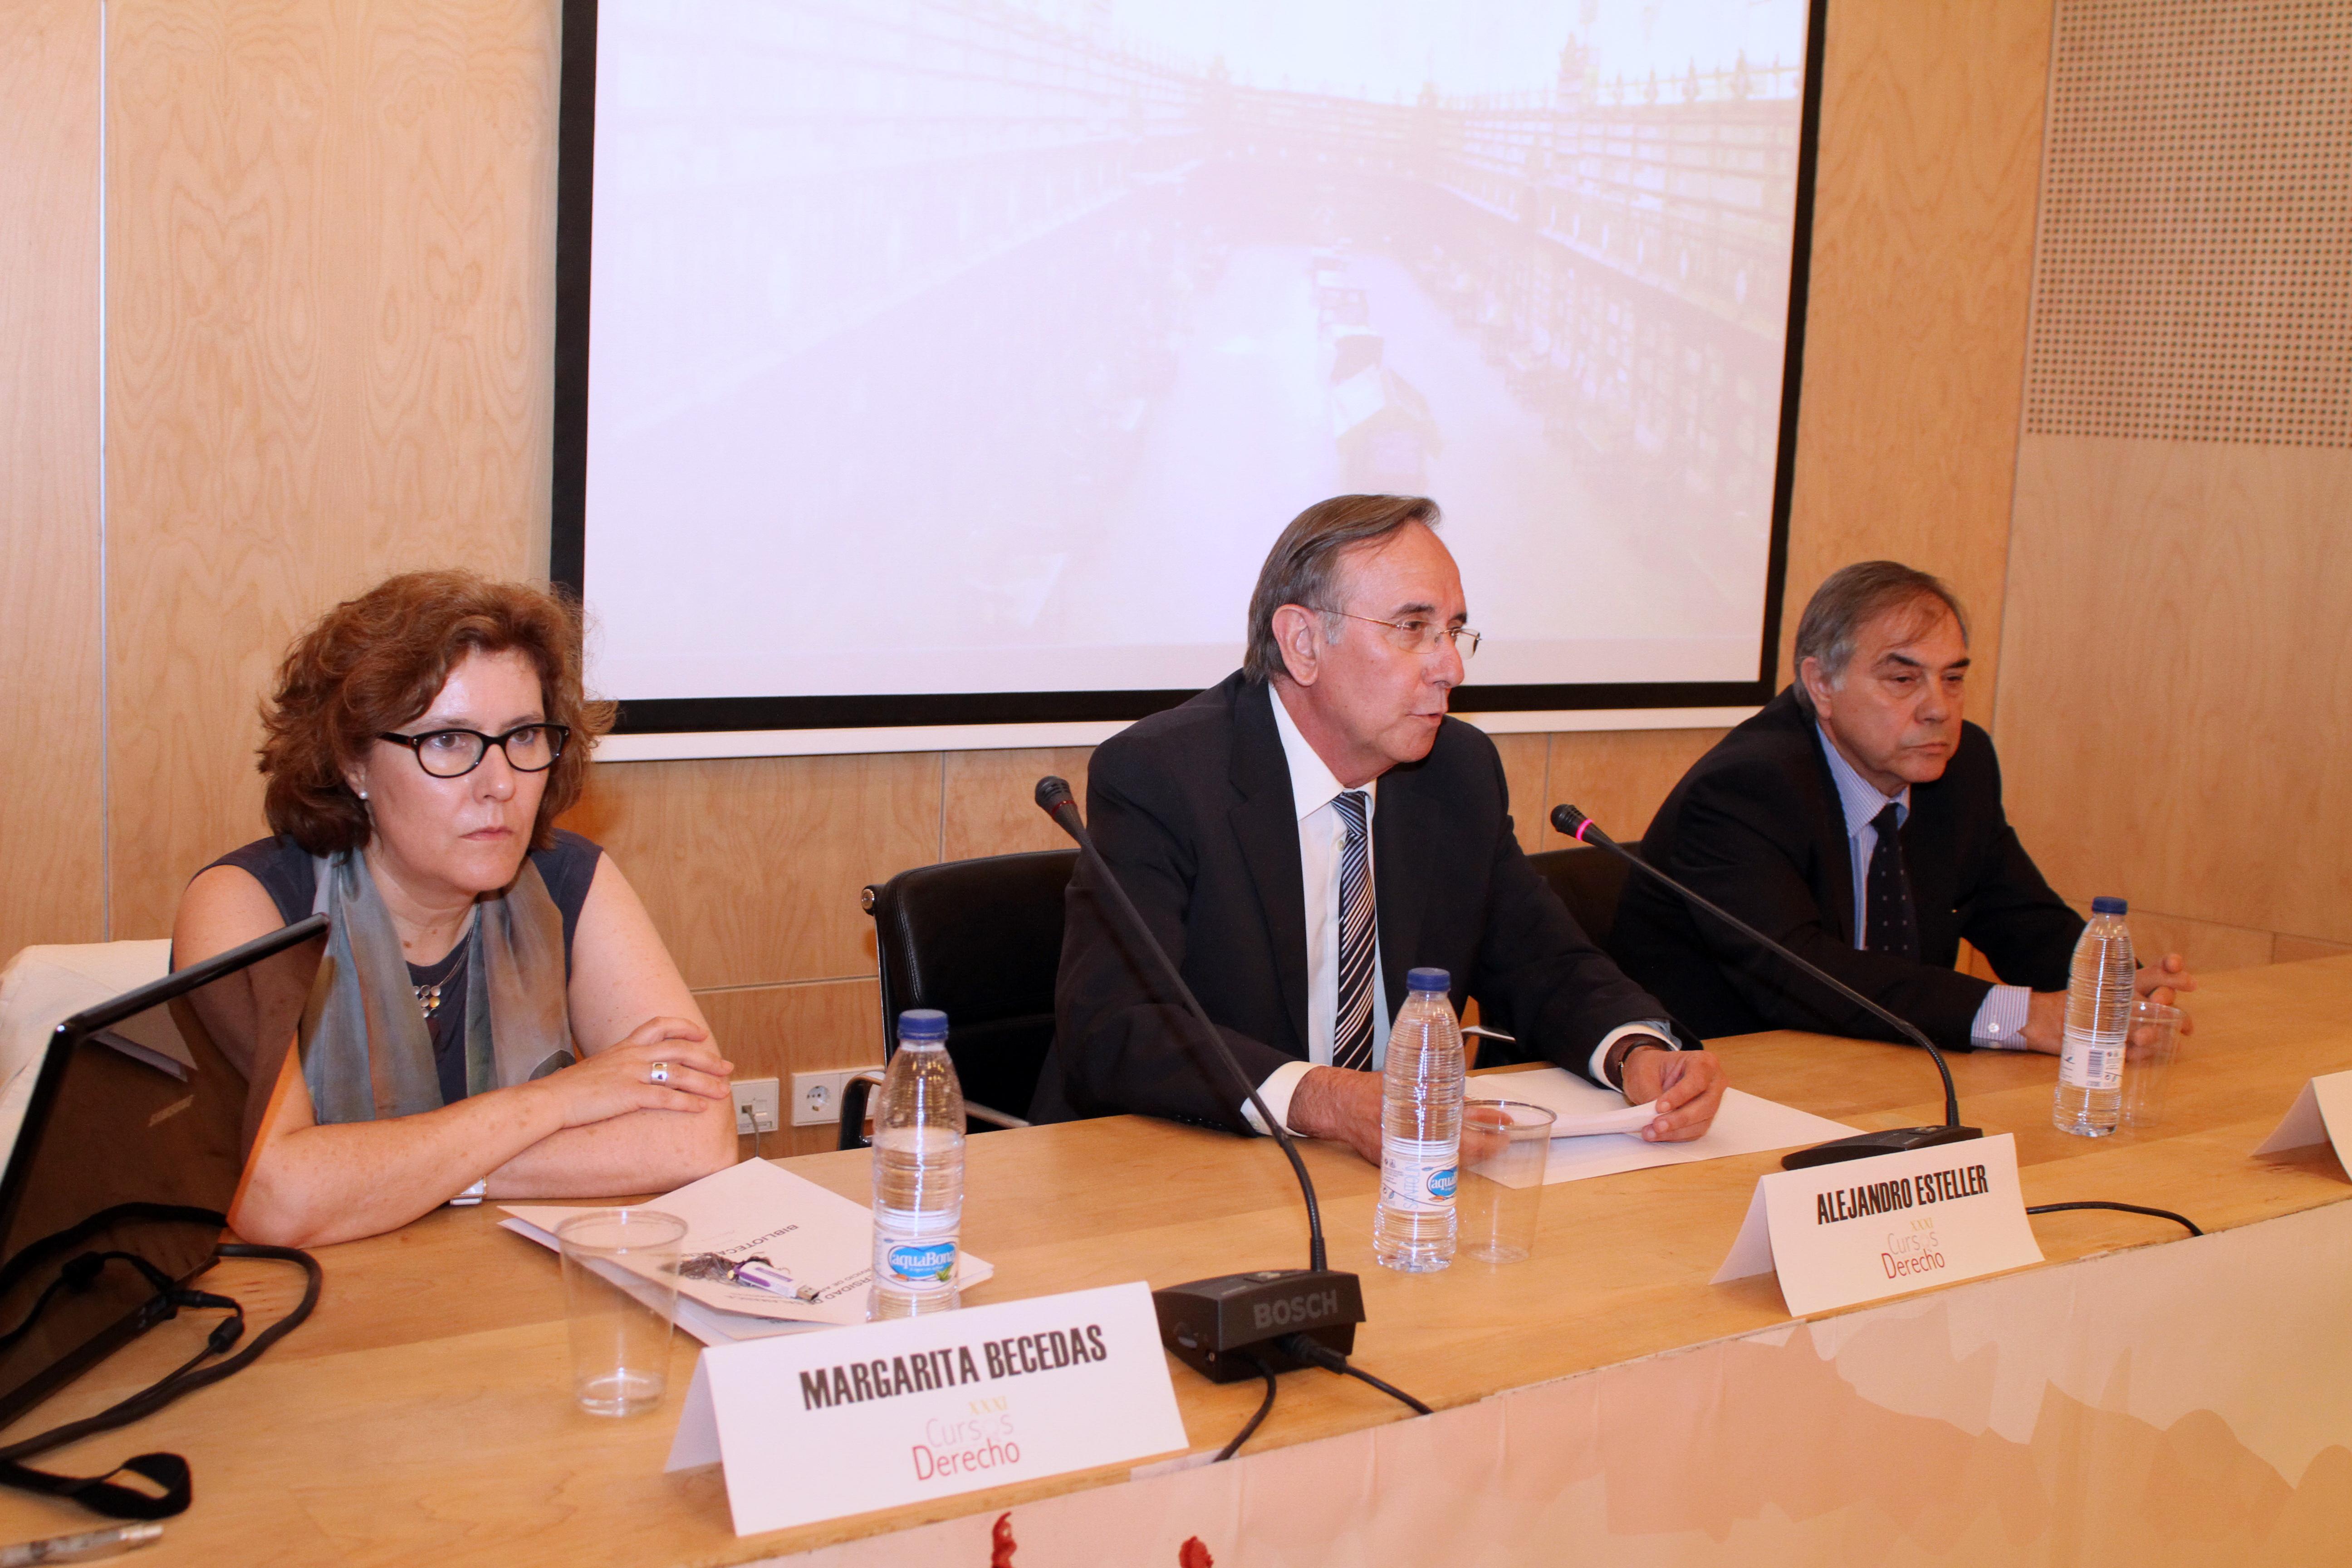 La Hospedería Fonseca acoge la XXXI edición de los Cursos de Especialización en Derecho